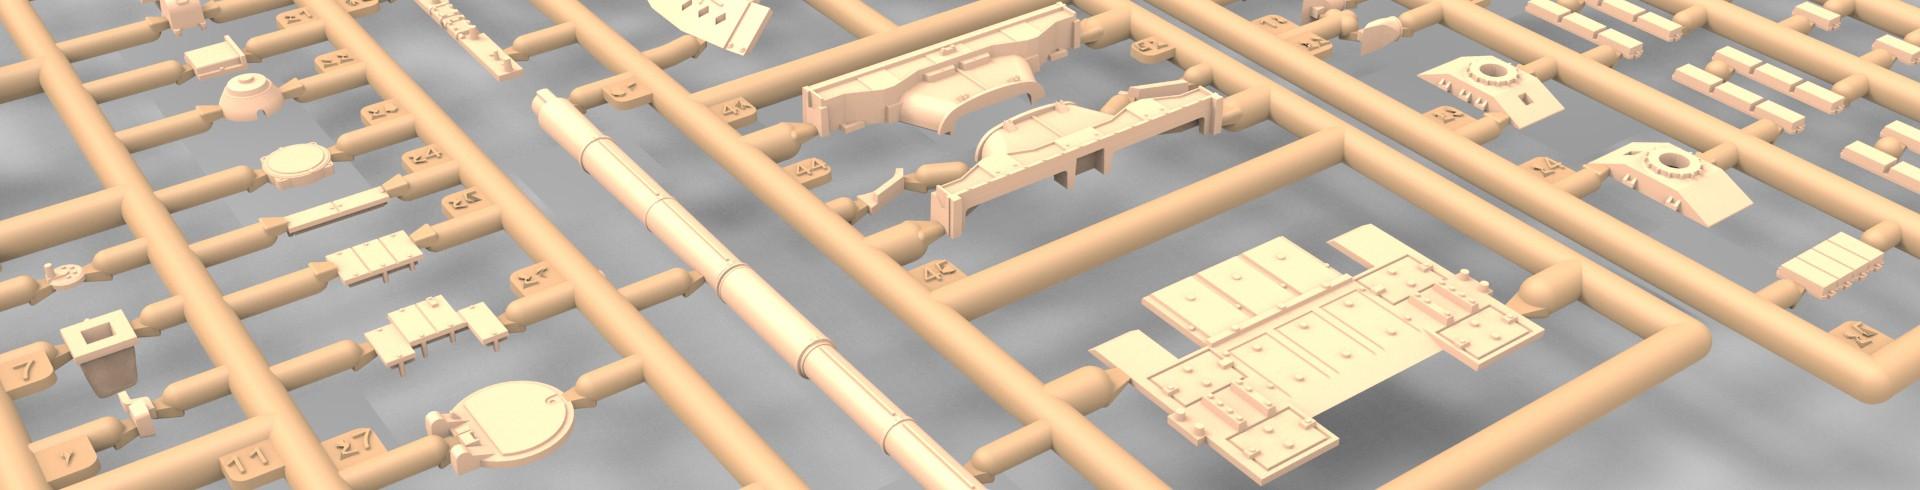 塑胶模具 注塑模具 精密模具 深圳模具